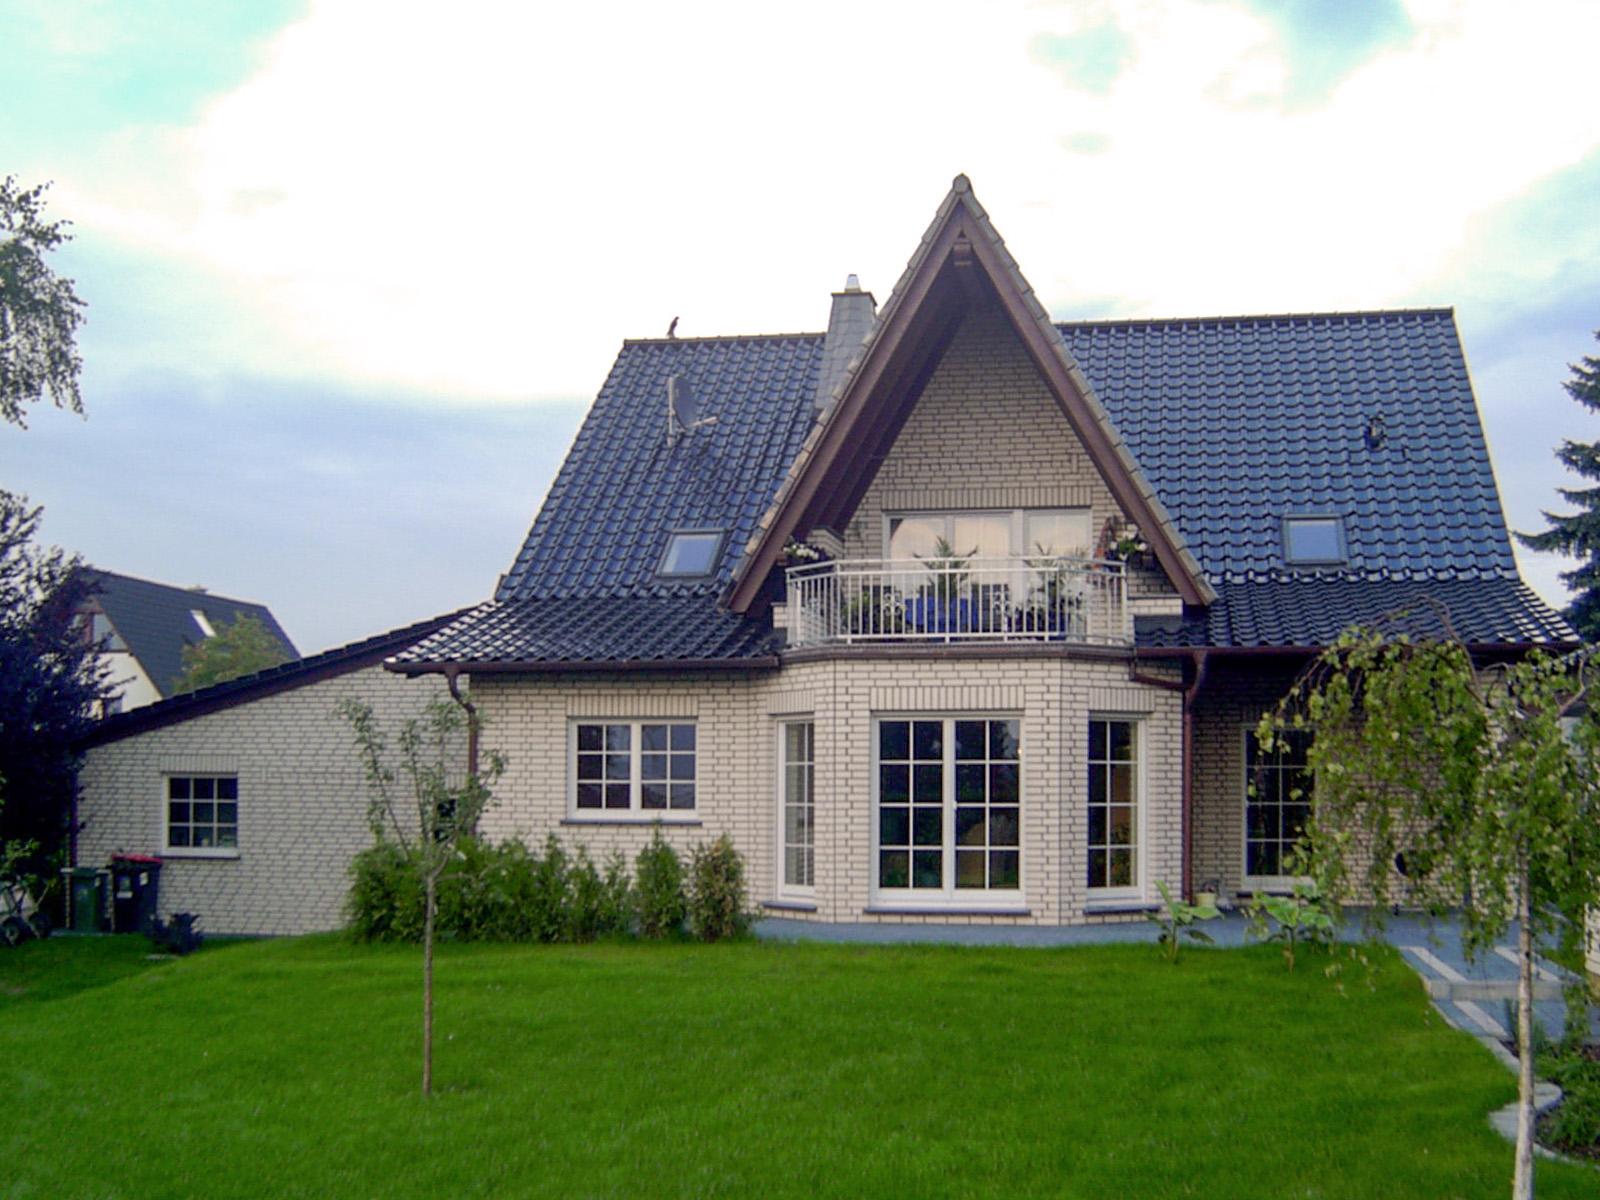 2 Familienwohnhaus mit Friesengiebel-Erker und Balkon